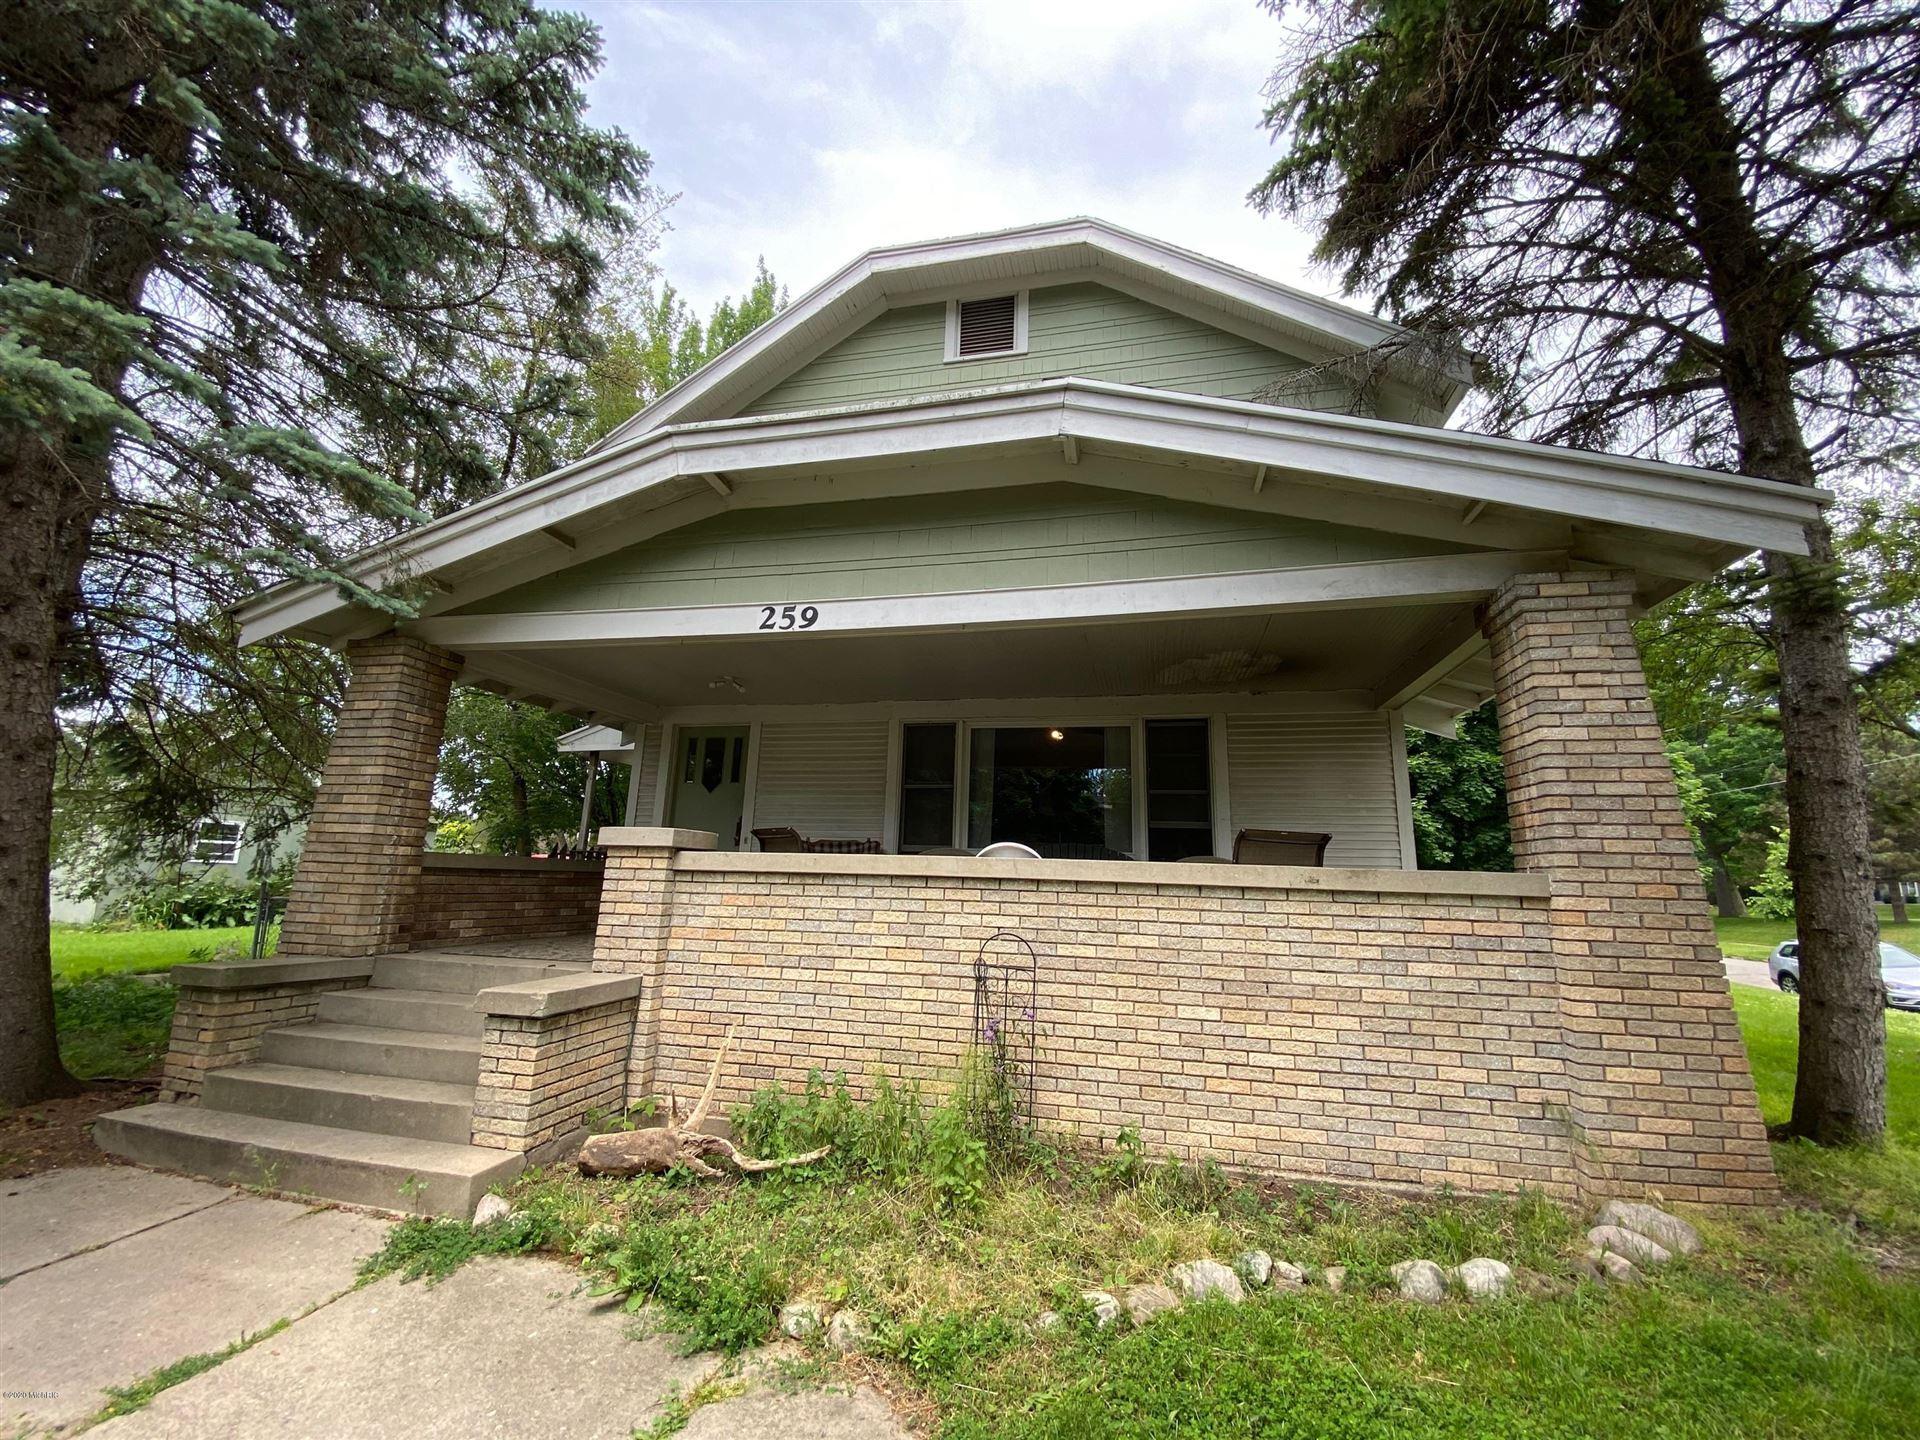 259 Burr Oak Street NE, Grand Rapids, MI 49505 - MLS#: 20020029